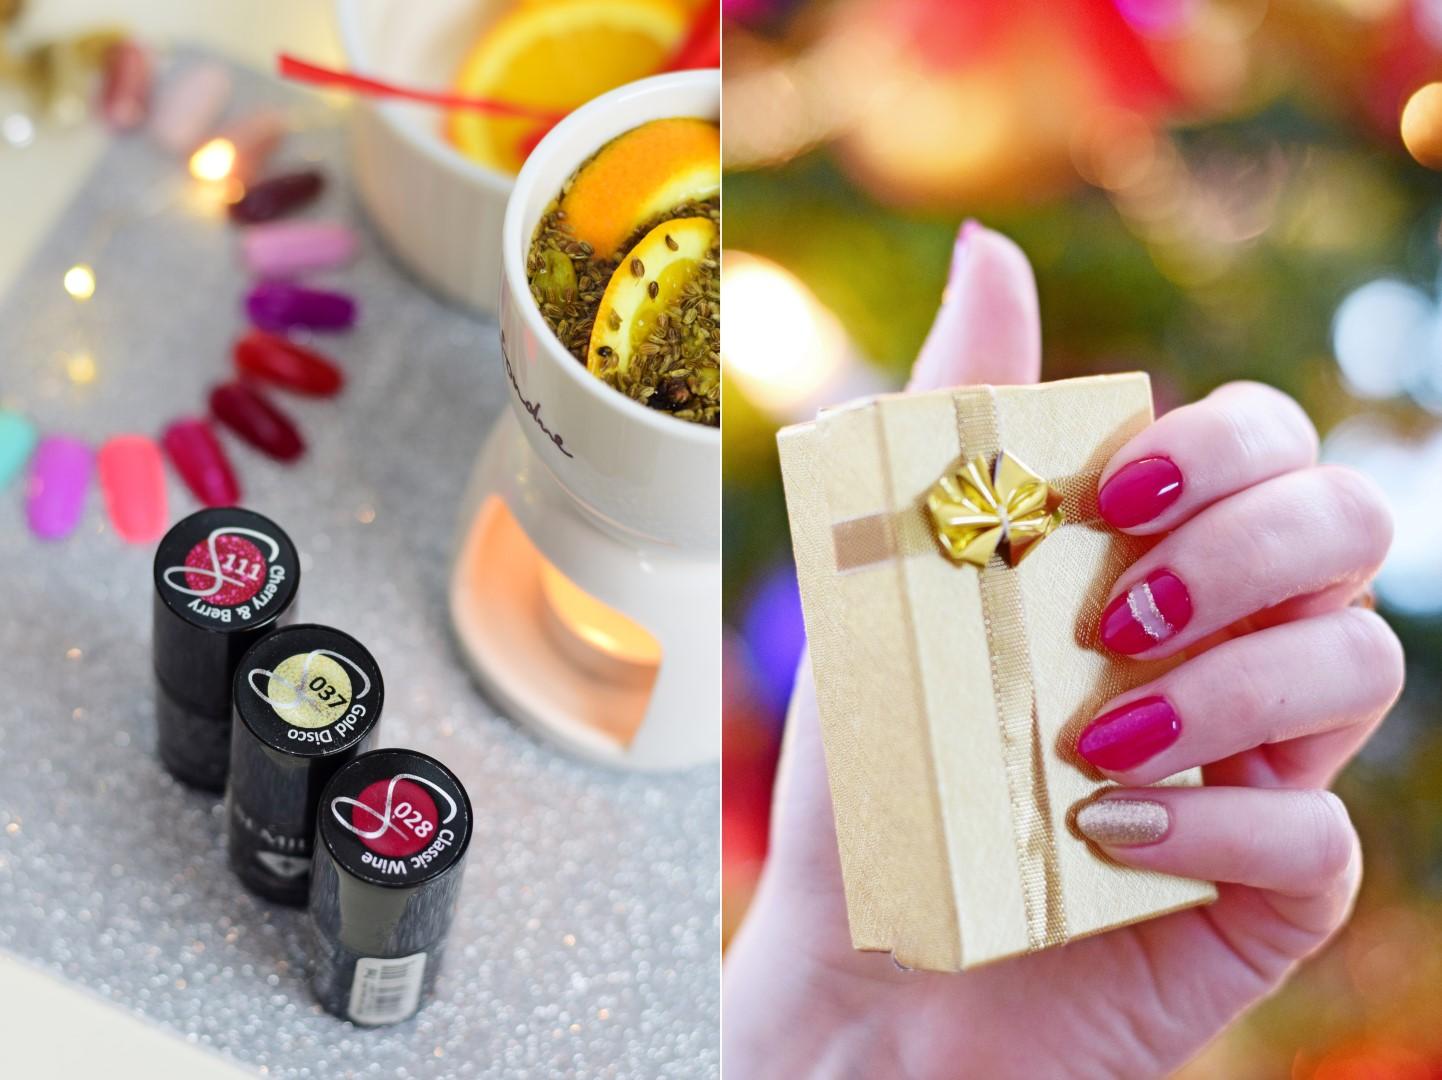 semilac_świąteczny_manicure_paznokcie_na_święta_pomysły_na_świąteczne_paznokcie_hybrydy_semilac_blog_classic_wine_cherry&berry_gold_disco